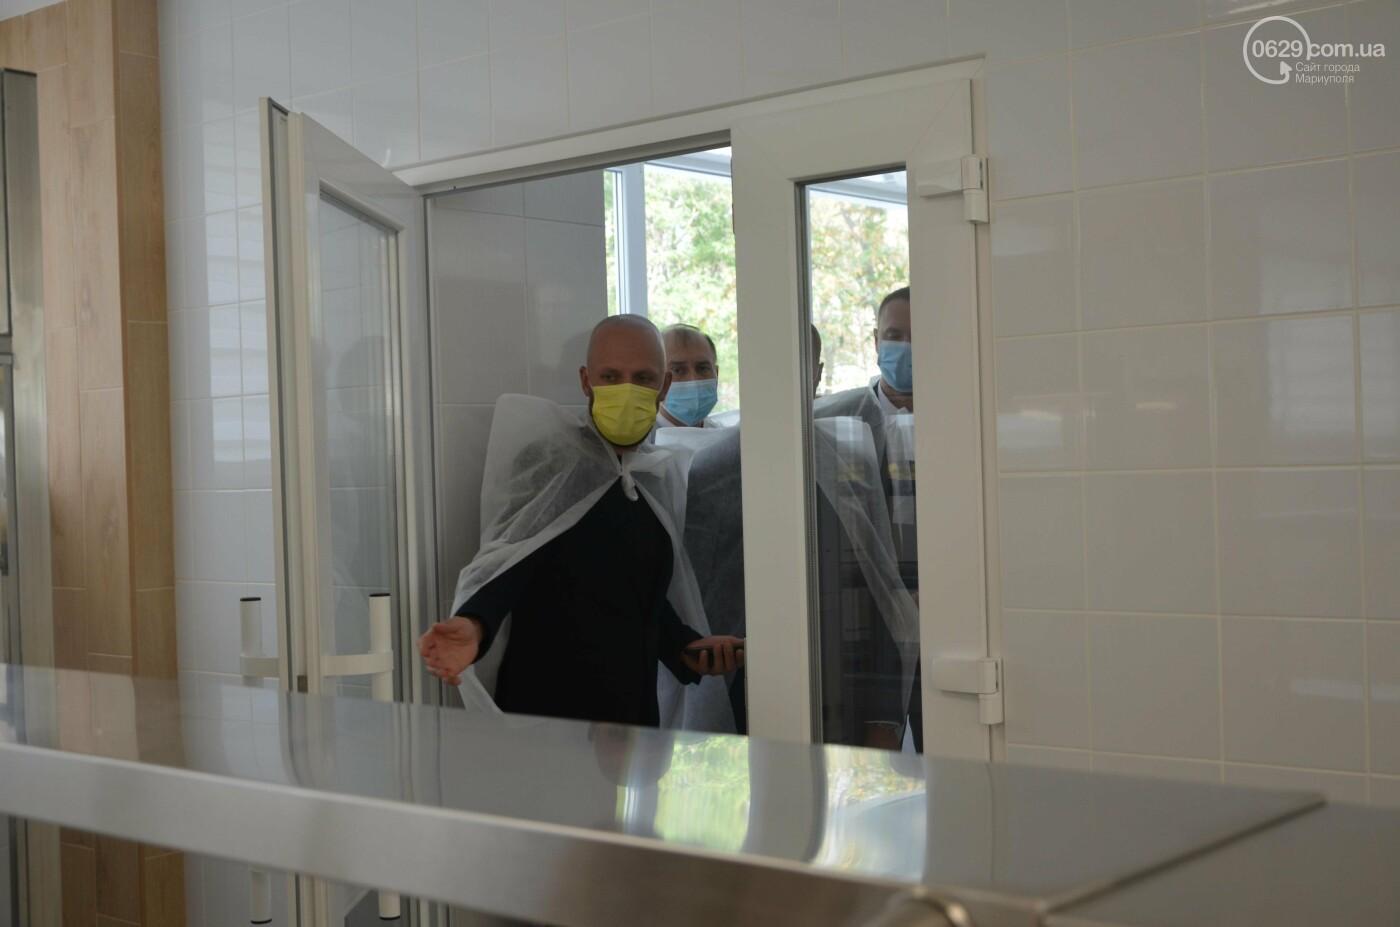 Министр образования пообедал в школьной столовой Мариуполя, - ФОТО, фото-4